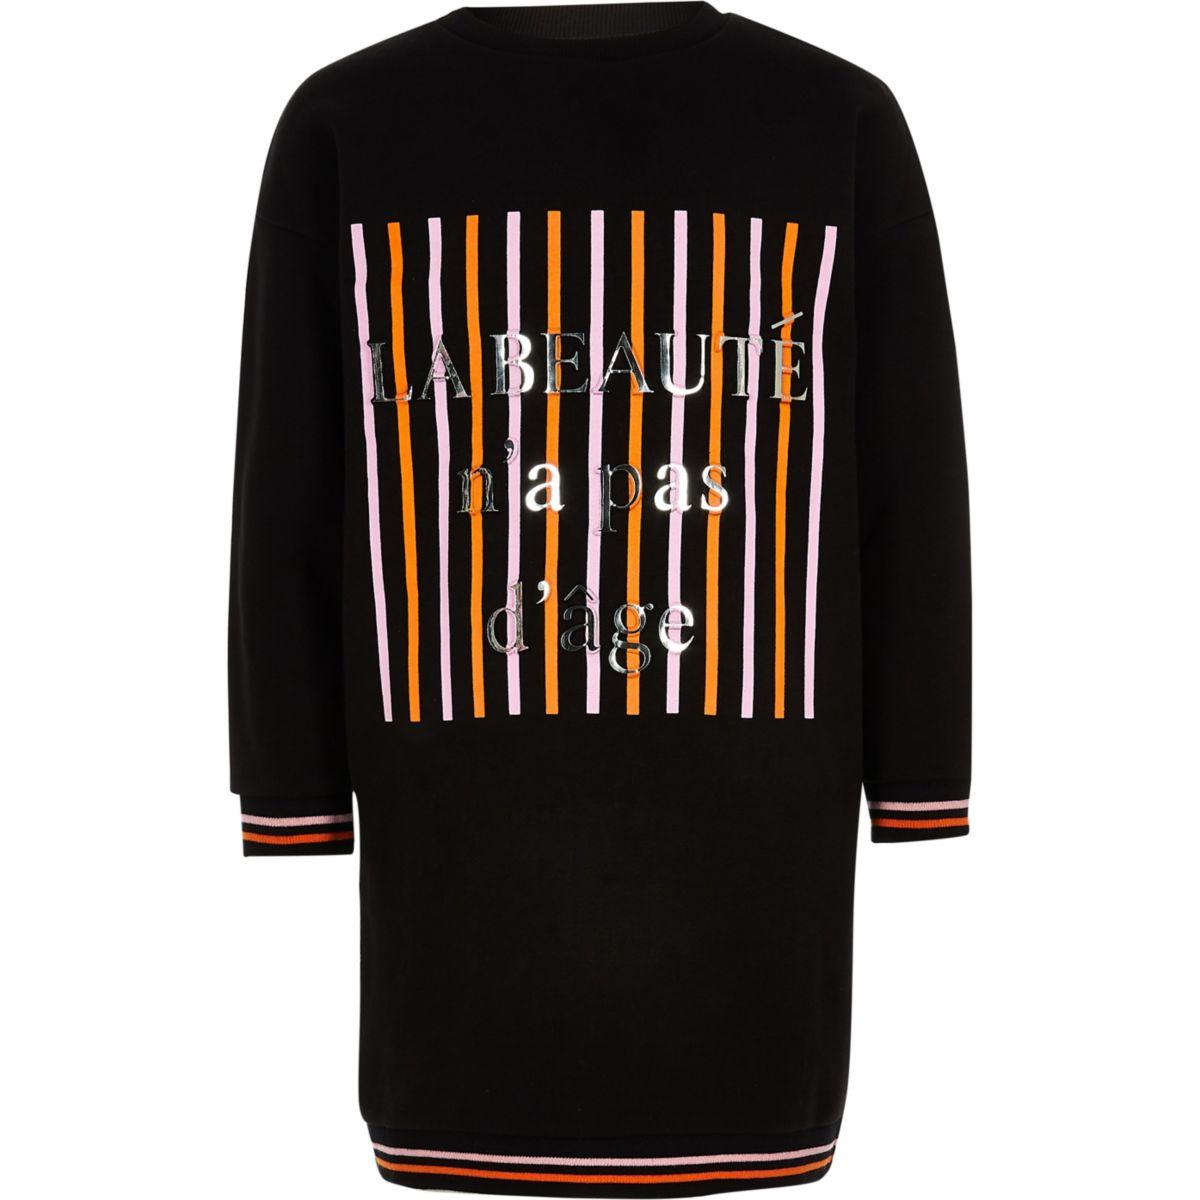 Girls black 'la beaute'sweatshirt dress